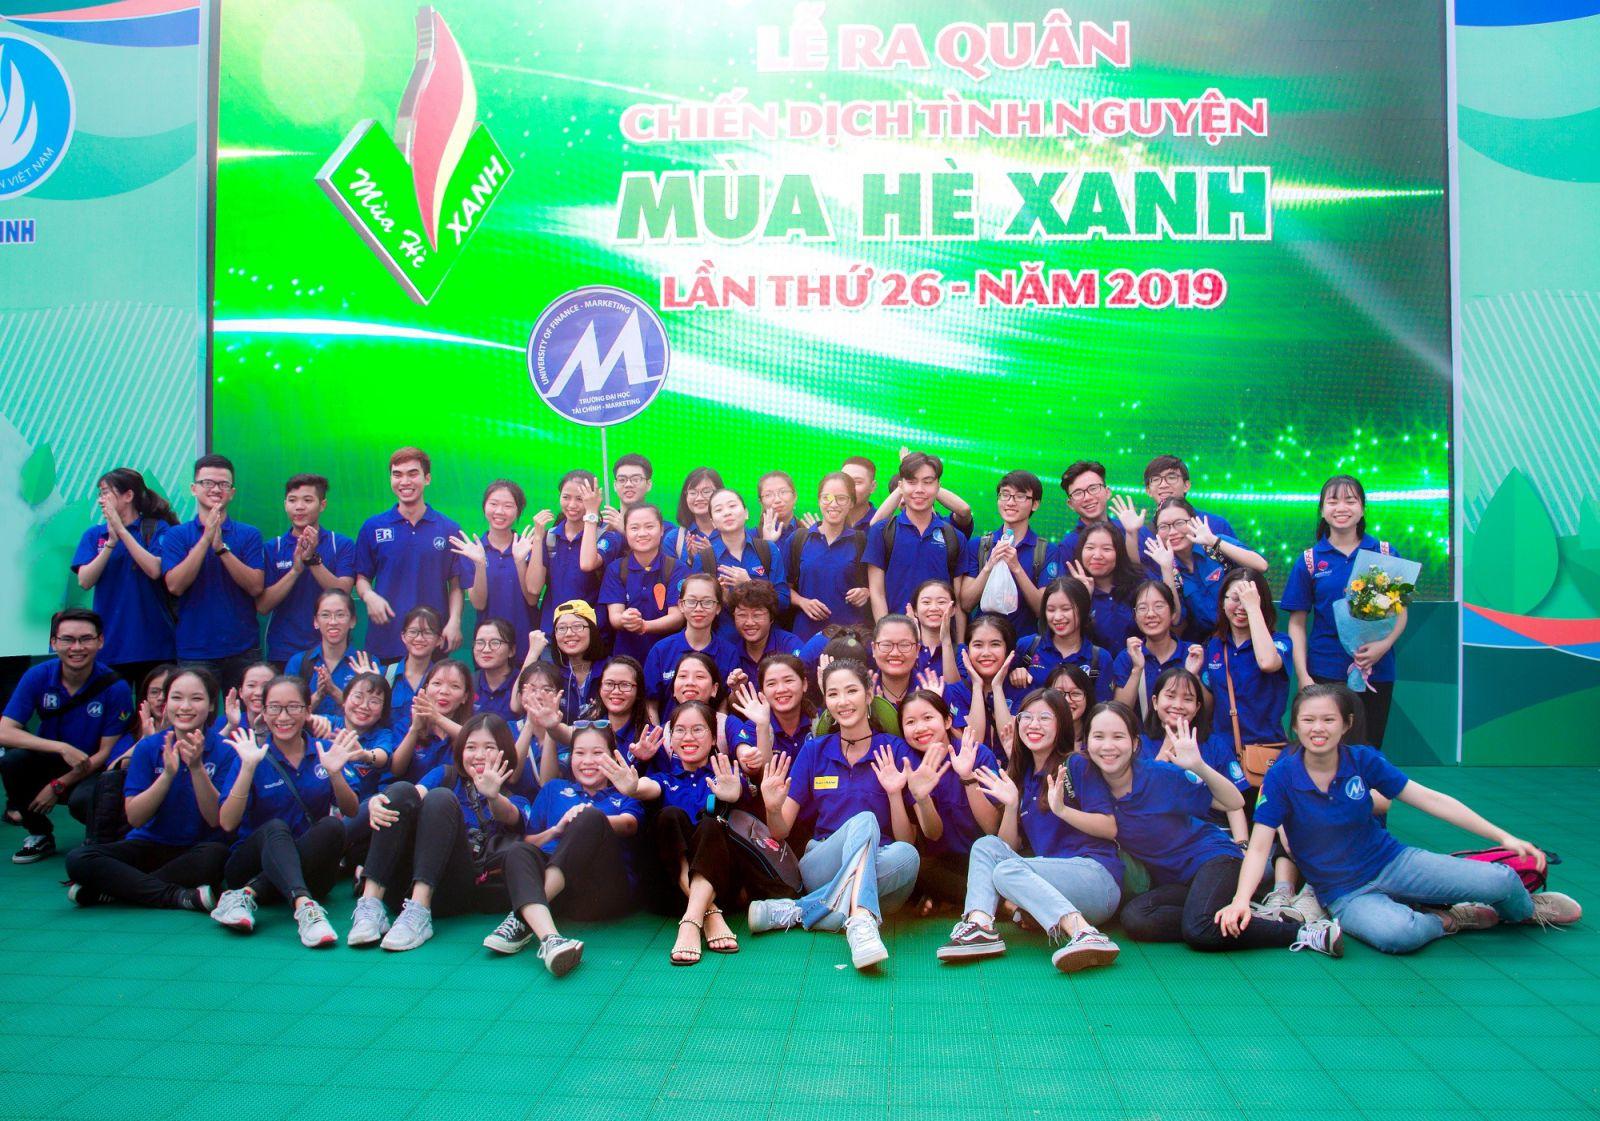 Đại sứ vì môi trường của Nam A Bank - Á hậu Hoàng Thùy cùng các tình nguyện viên tại Lễ ra quân chiến dịch Mùa hè xanh 2019.